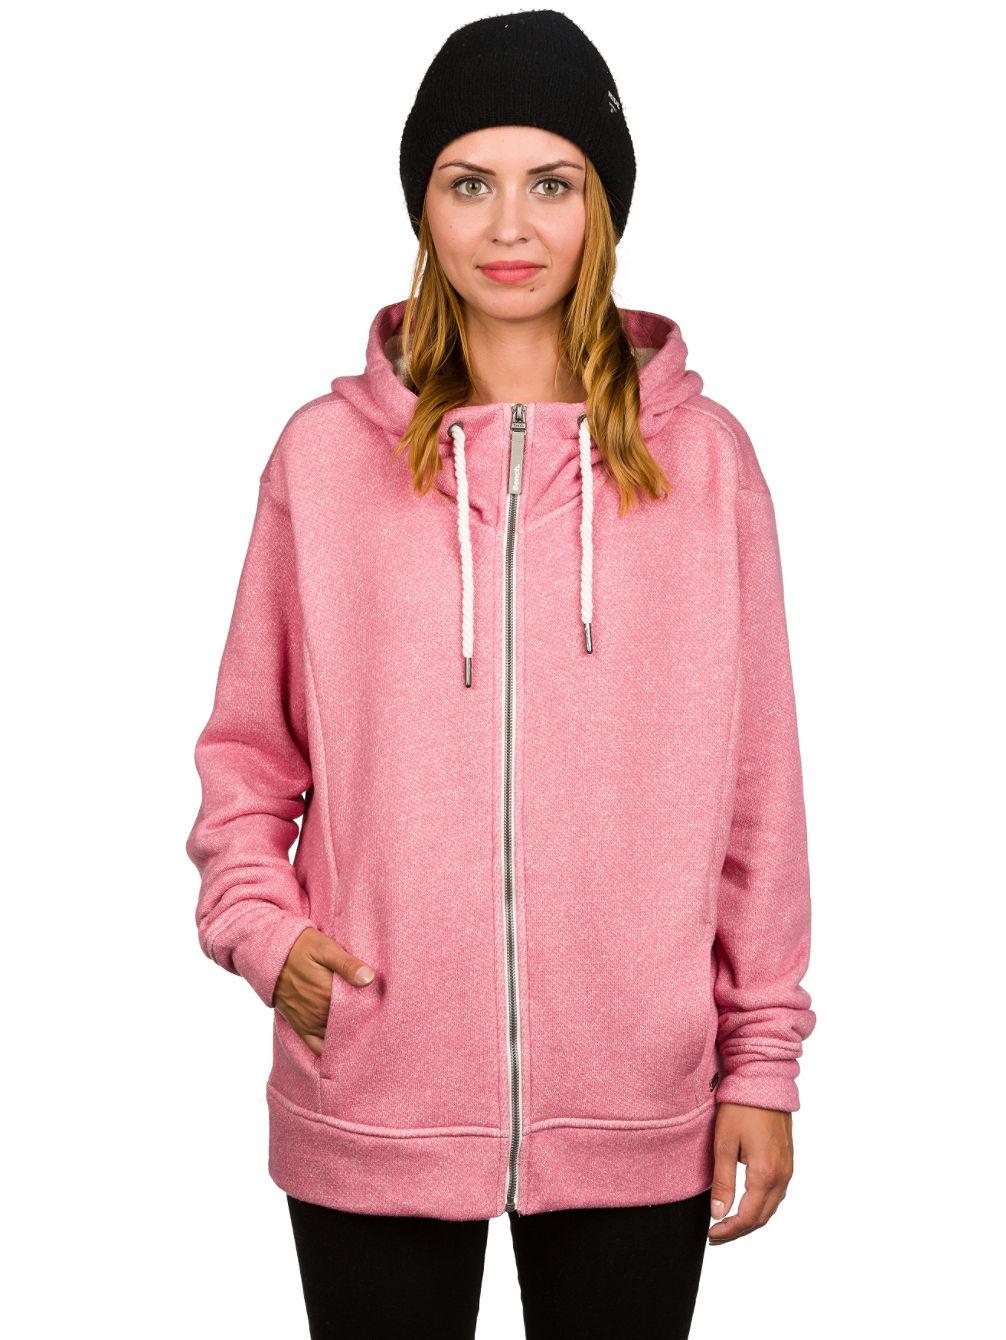 bench-gain-zip-hoodie